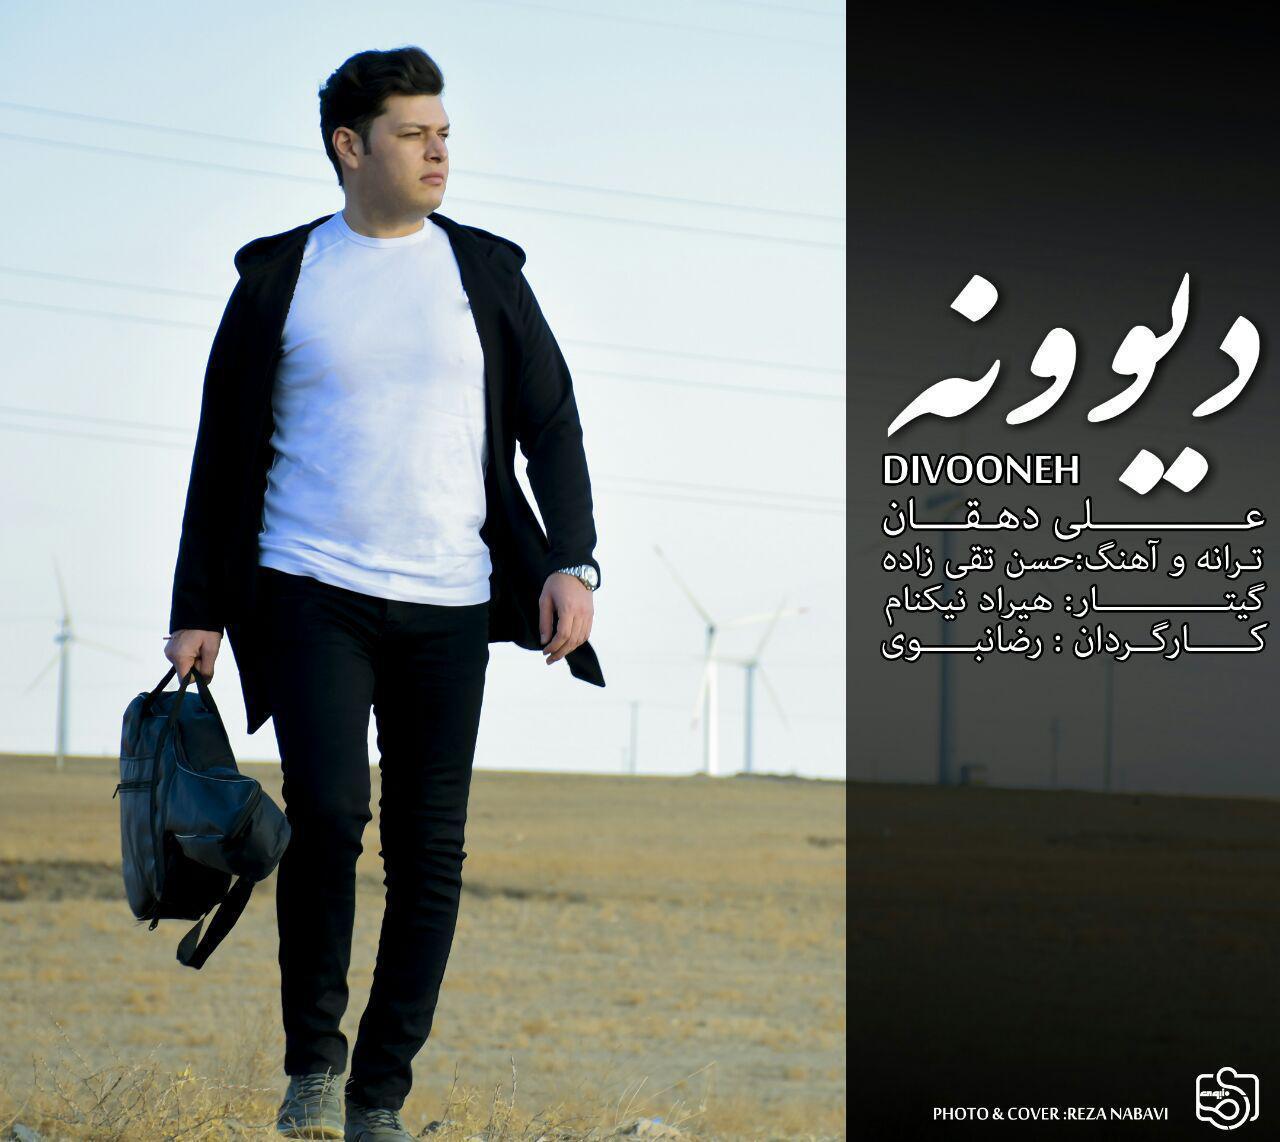 آهنگ و موزیک ویدئو جدید و بسیارزیبا از  علی دهقان به نام دیوونه (فارسی)